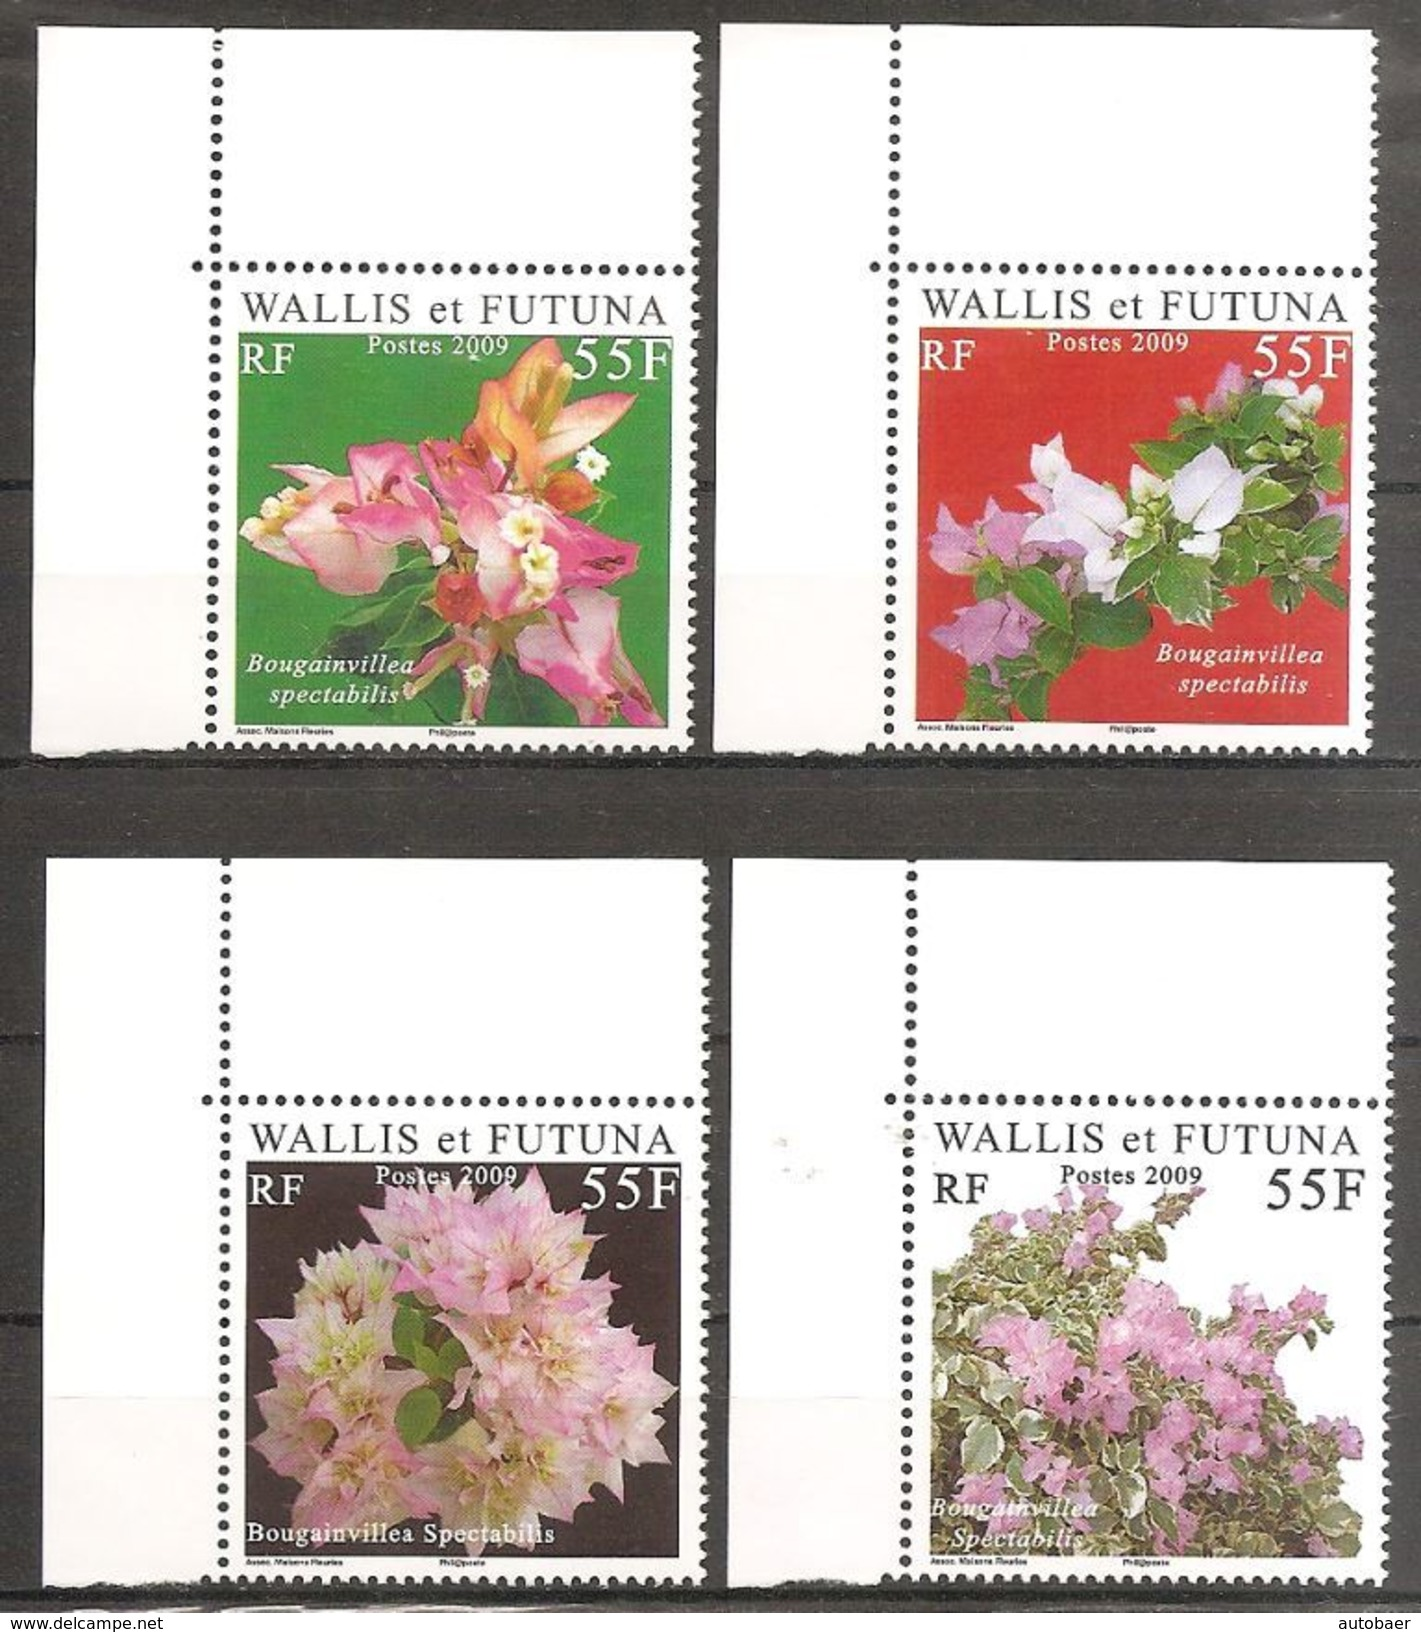 Wallis Und Et Futuna 2009 Bougainvillea Fleurs Michel No. 987-90 MNH Postfrisch Neuf - Ungebraucht